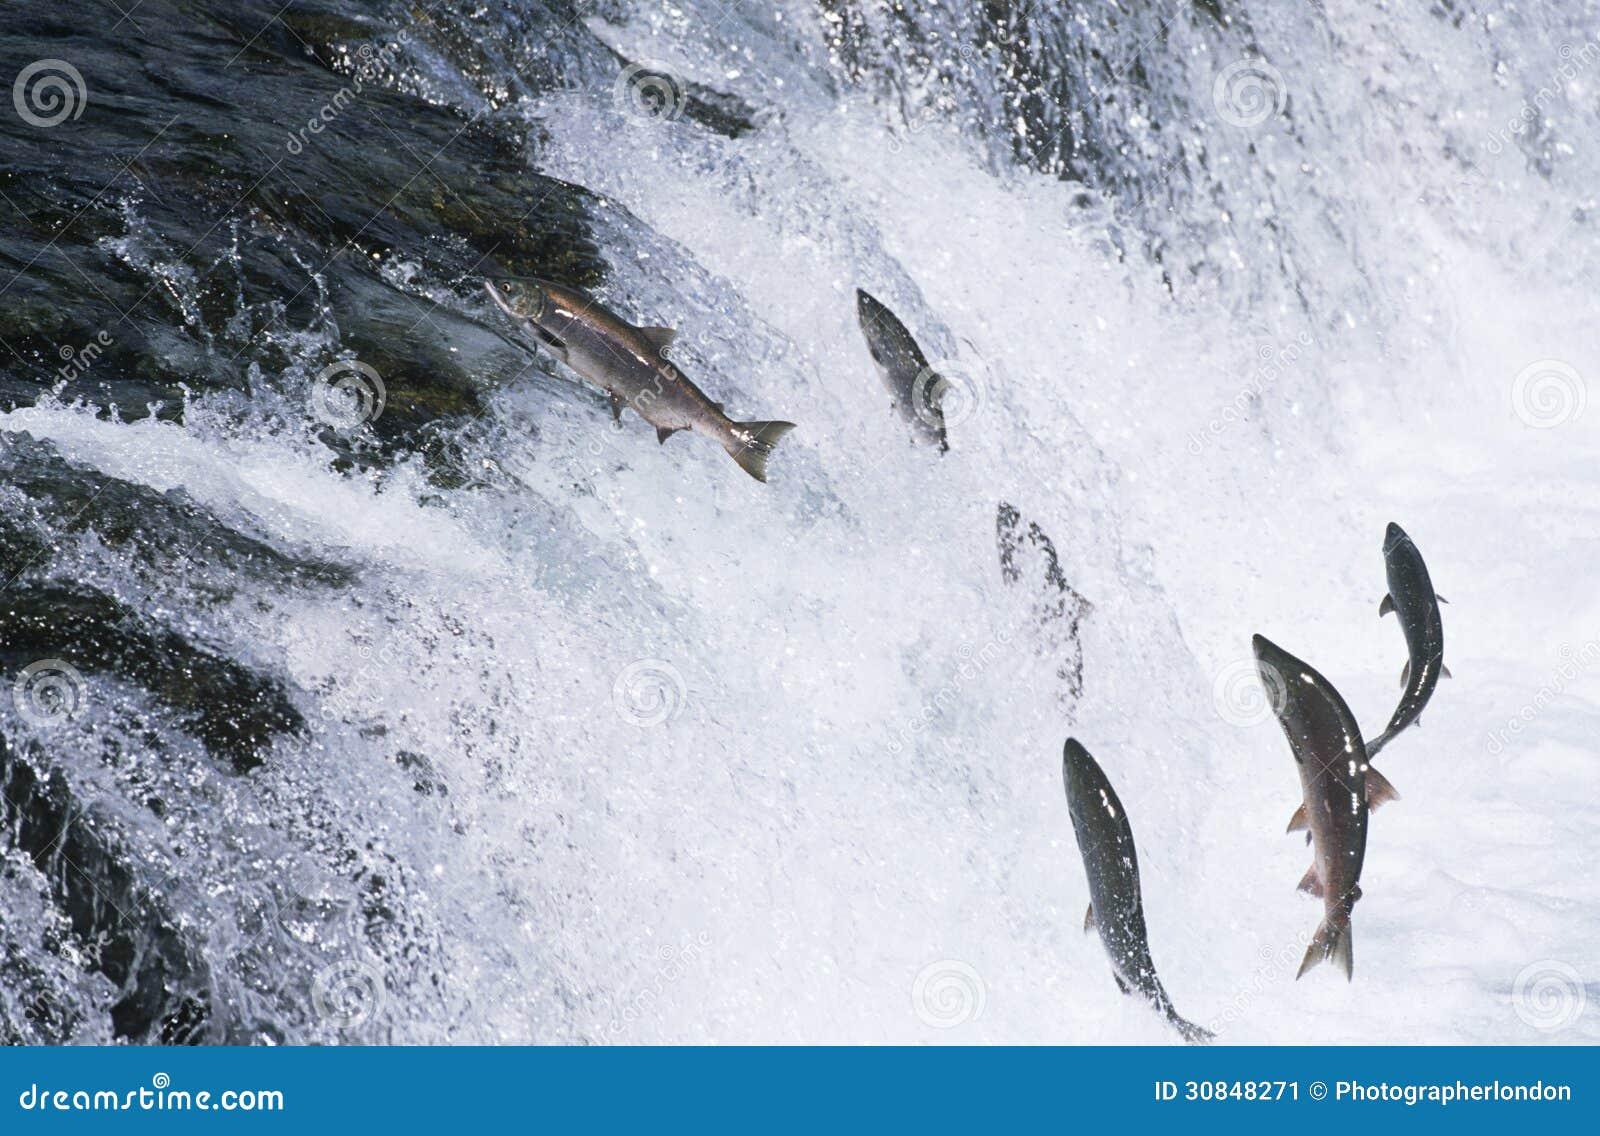 Ομάδα σολομού που πηδά προς τα πάνω στον ποταμό